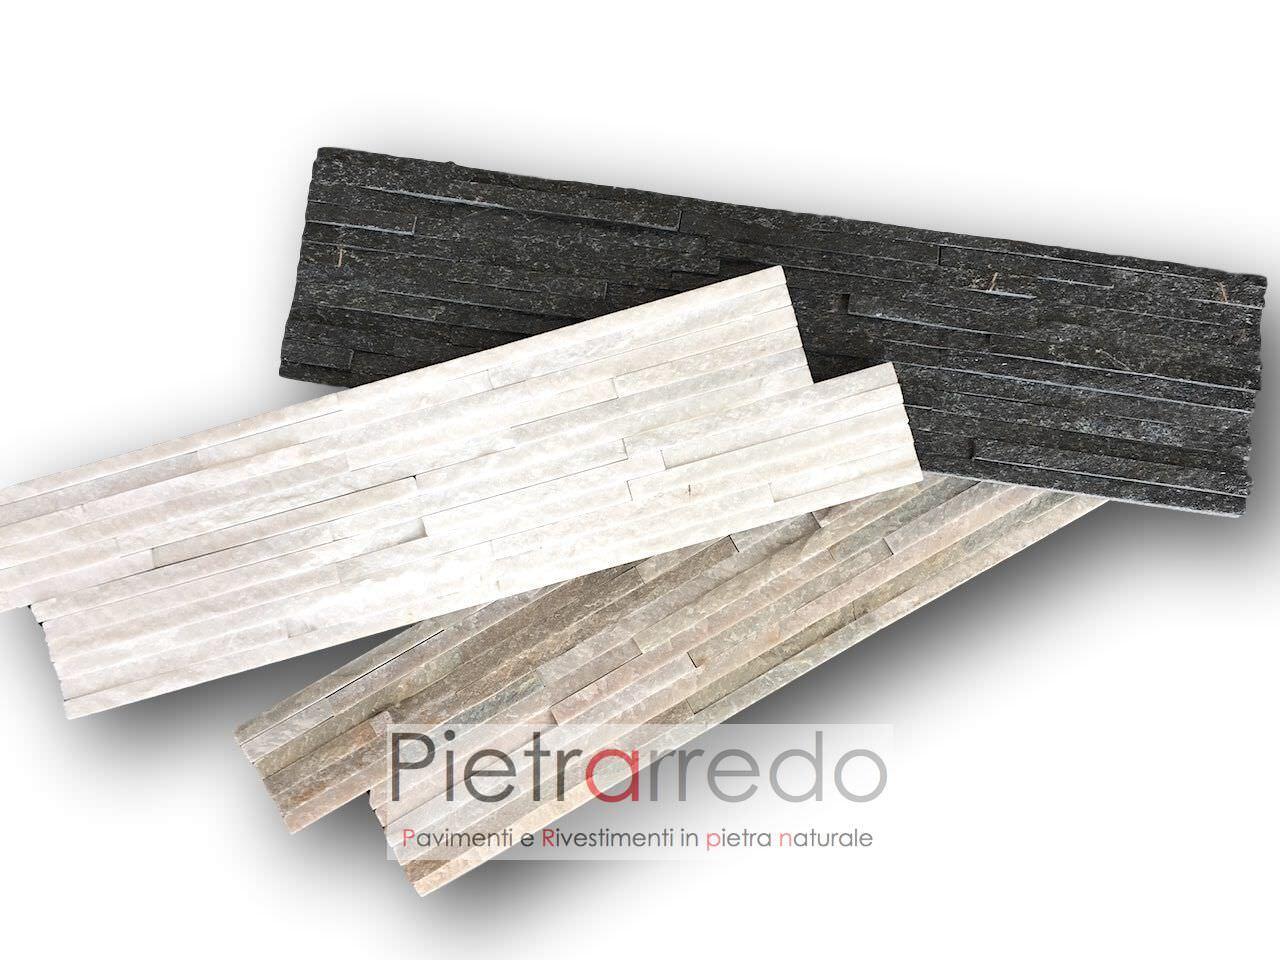 rivestimenti-pietra-slim-quarzite-ardesia-prezzi-costo-offerte-pietrarredo-milano-stone-cladding-price-pietrarredo-costo-panel